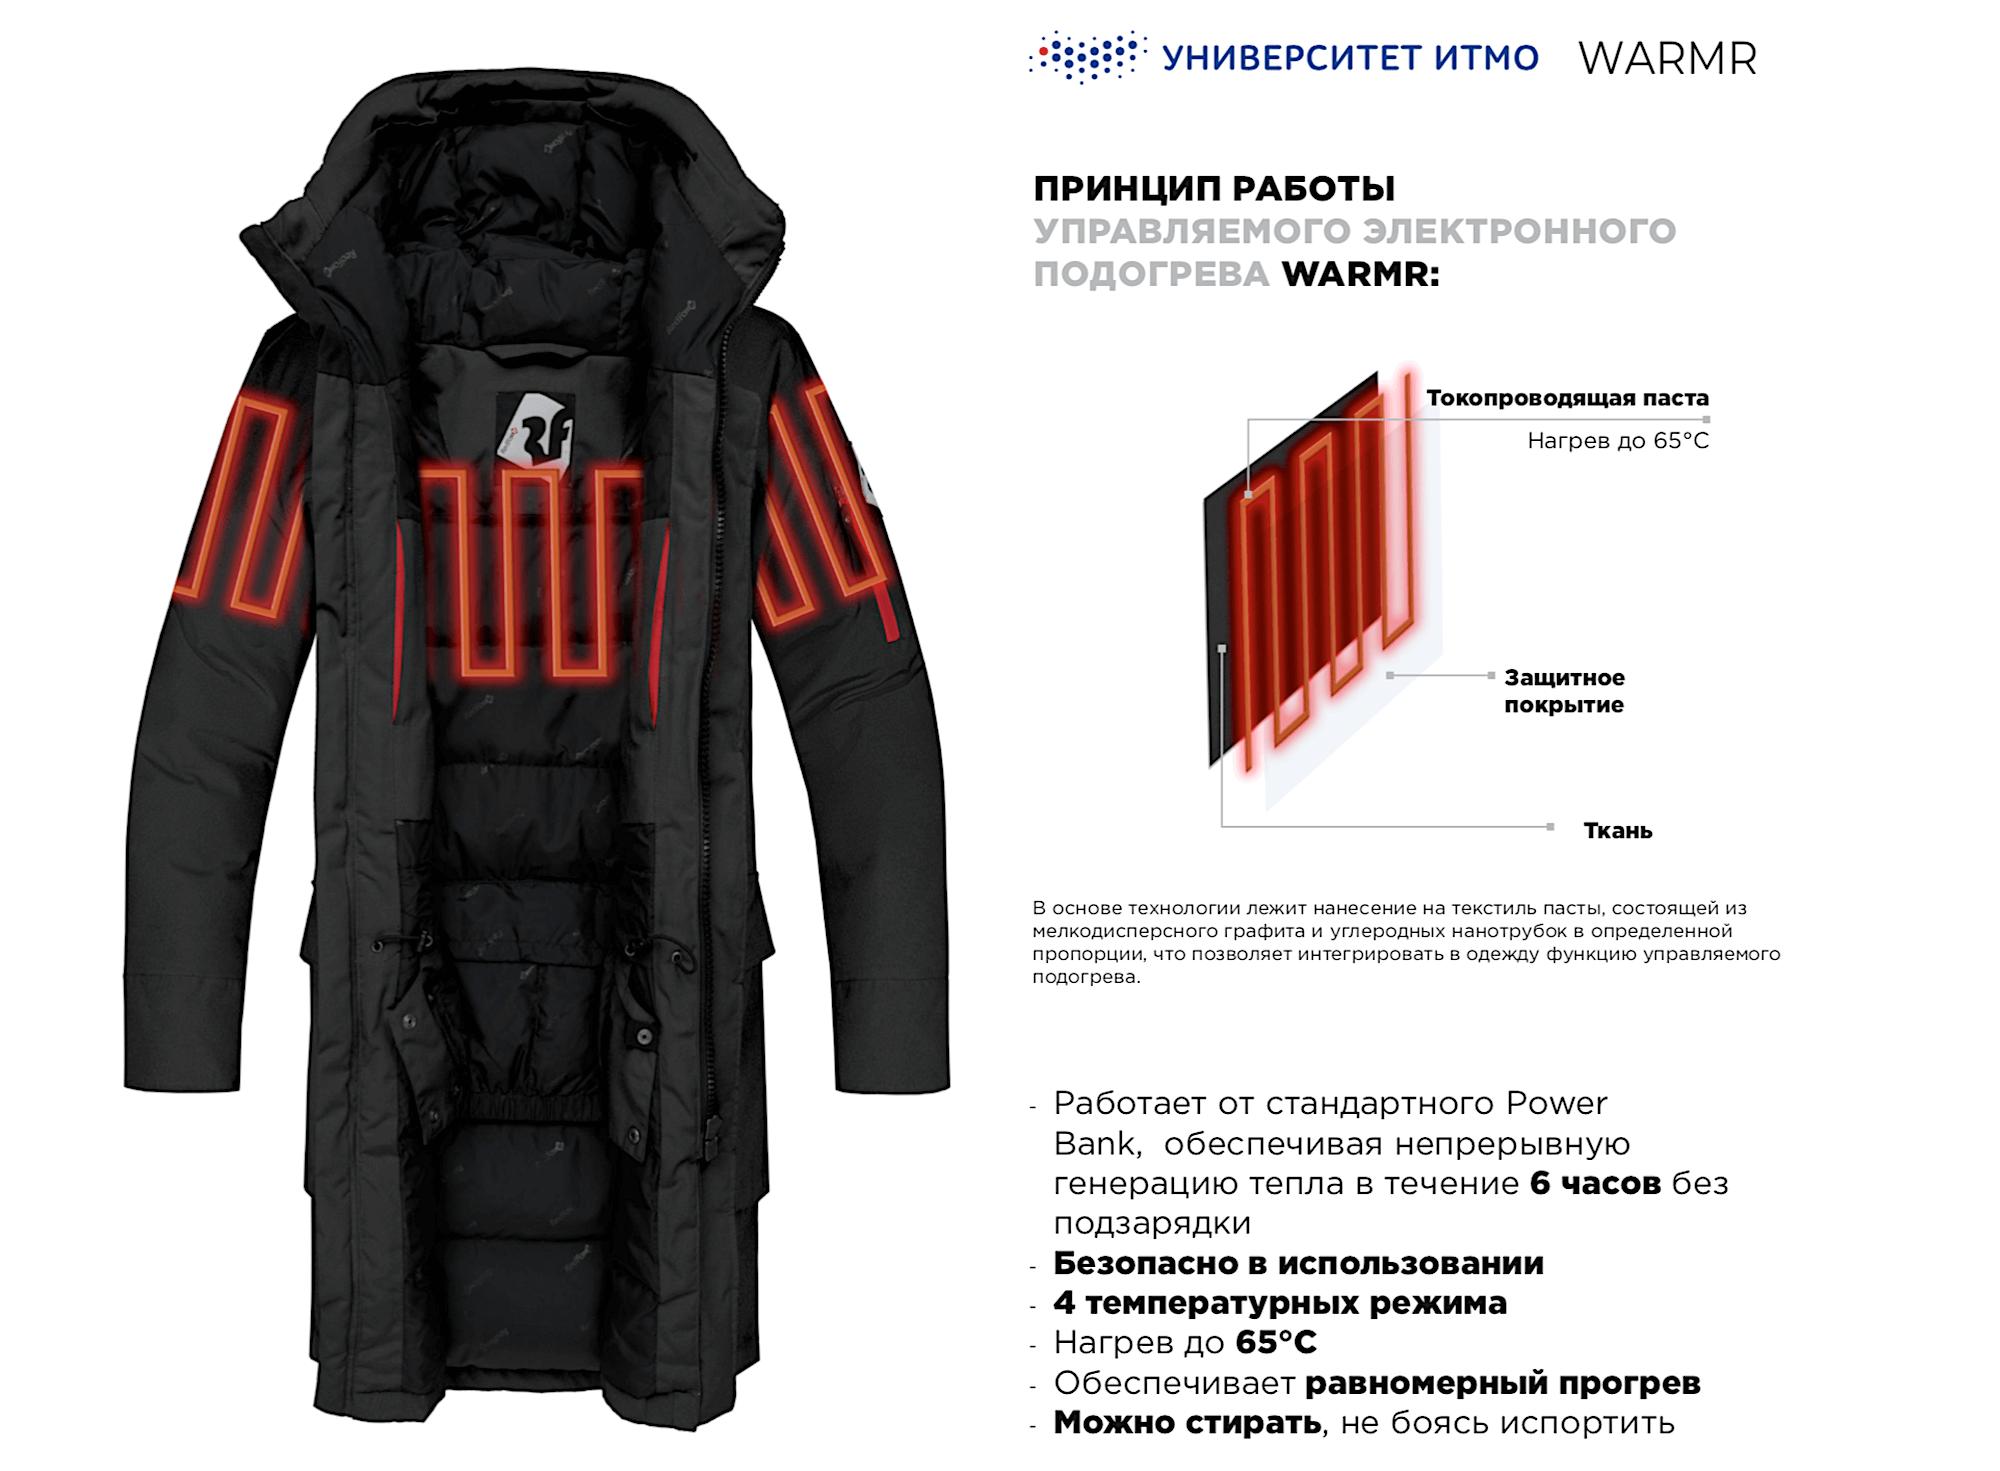 Одежда с нагревательными элементами — ее делает стартап WARMR из Университета ИТМО